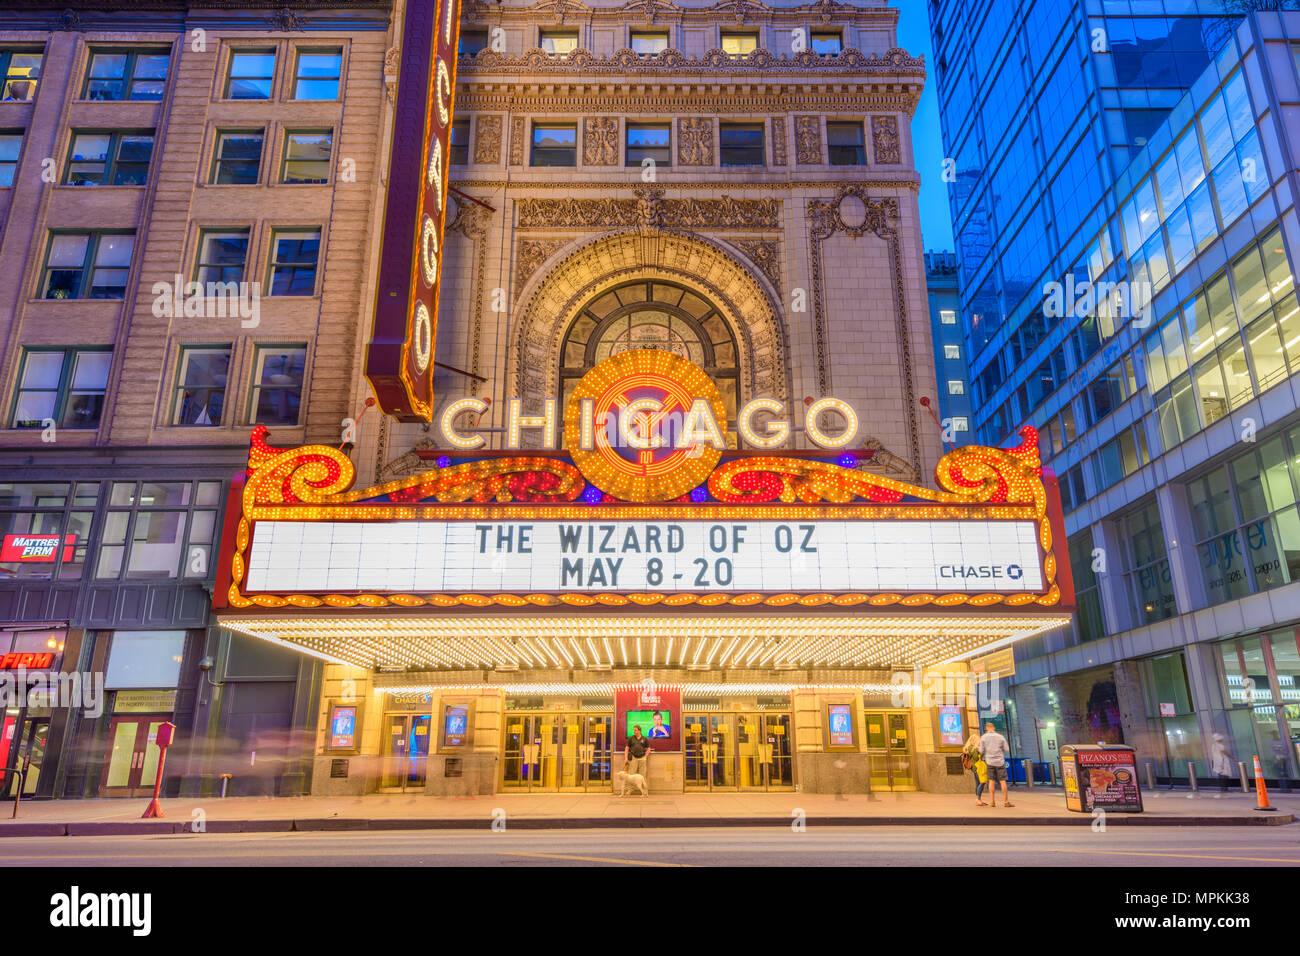 CHICAGO, ILLINOIS - 10 MAI 2018: le théâtre de Chicago landmark sur State Street au crépuscule. Le théâtre historique date de 1921. Photo Stock